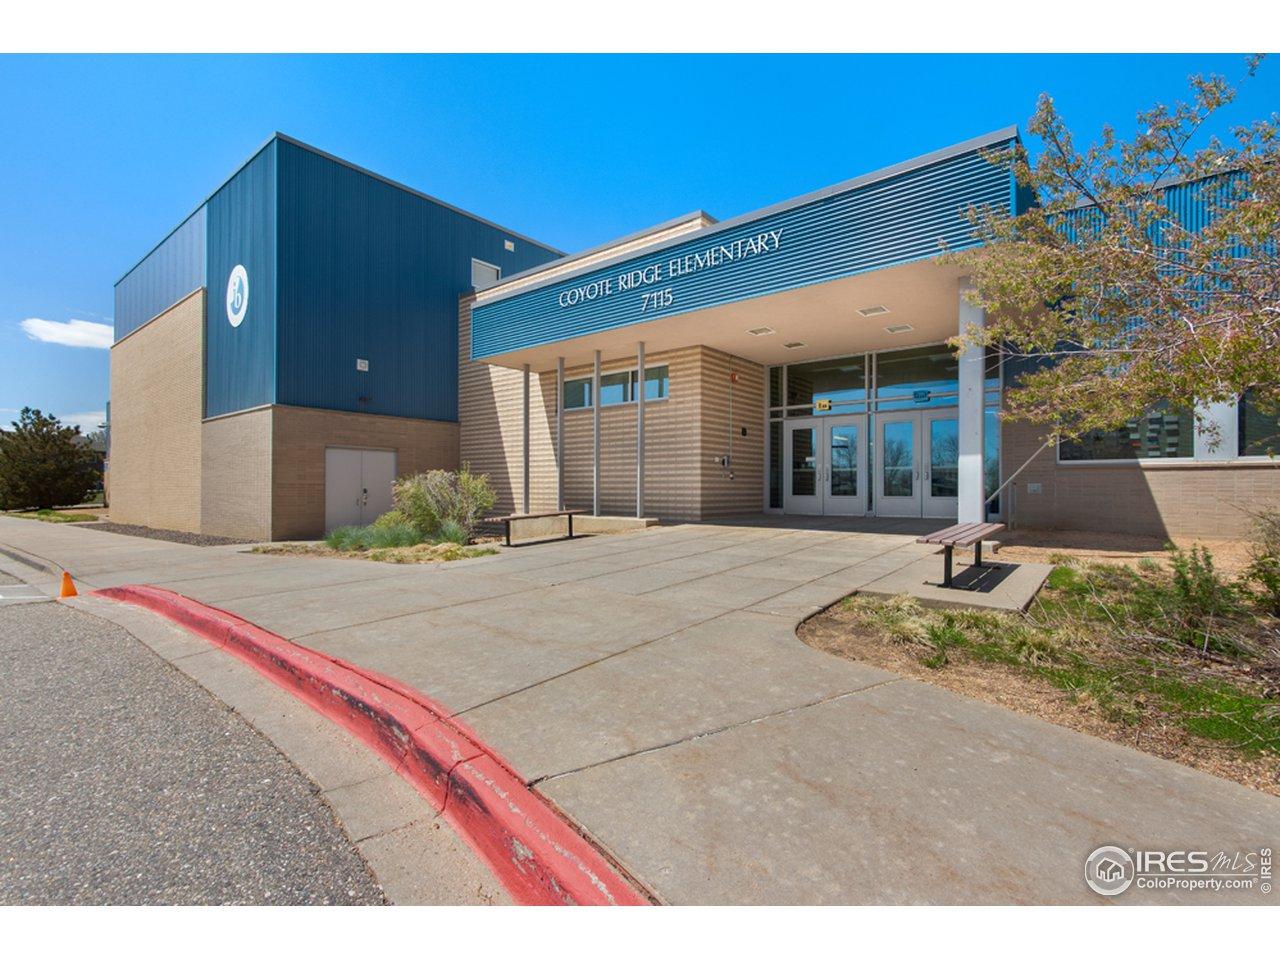 Popular Coyote Ridge Elementary